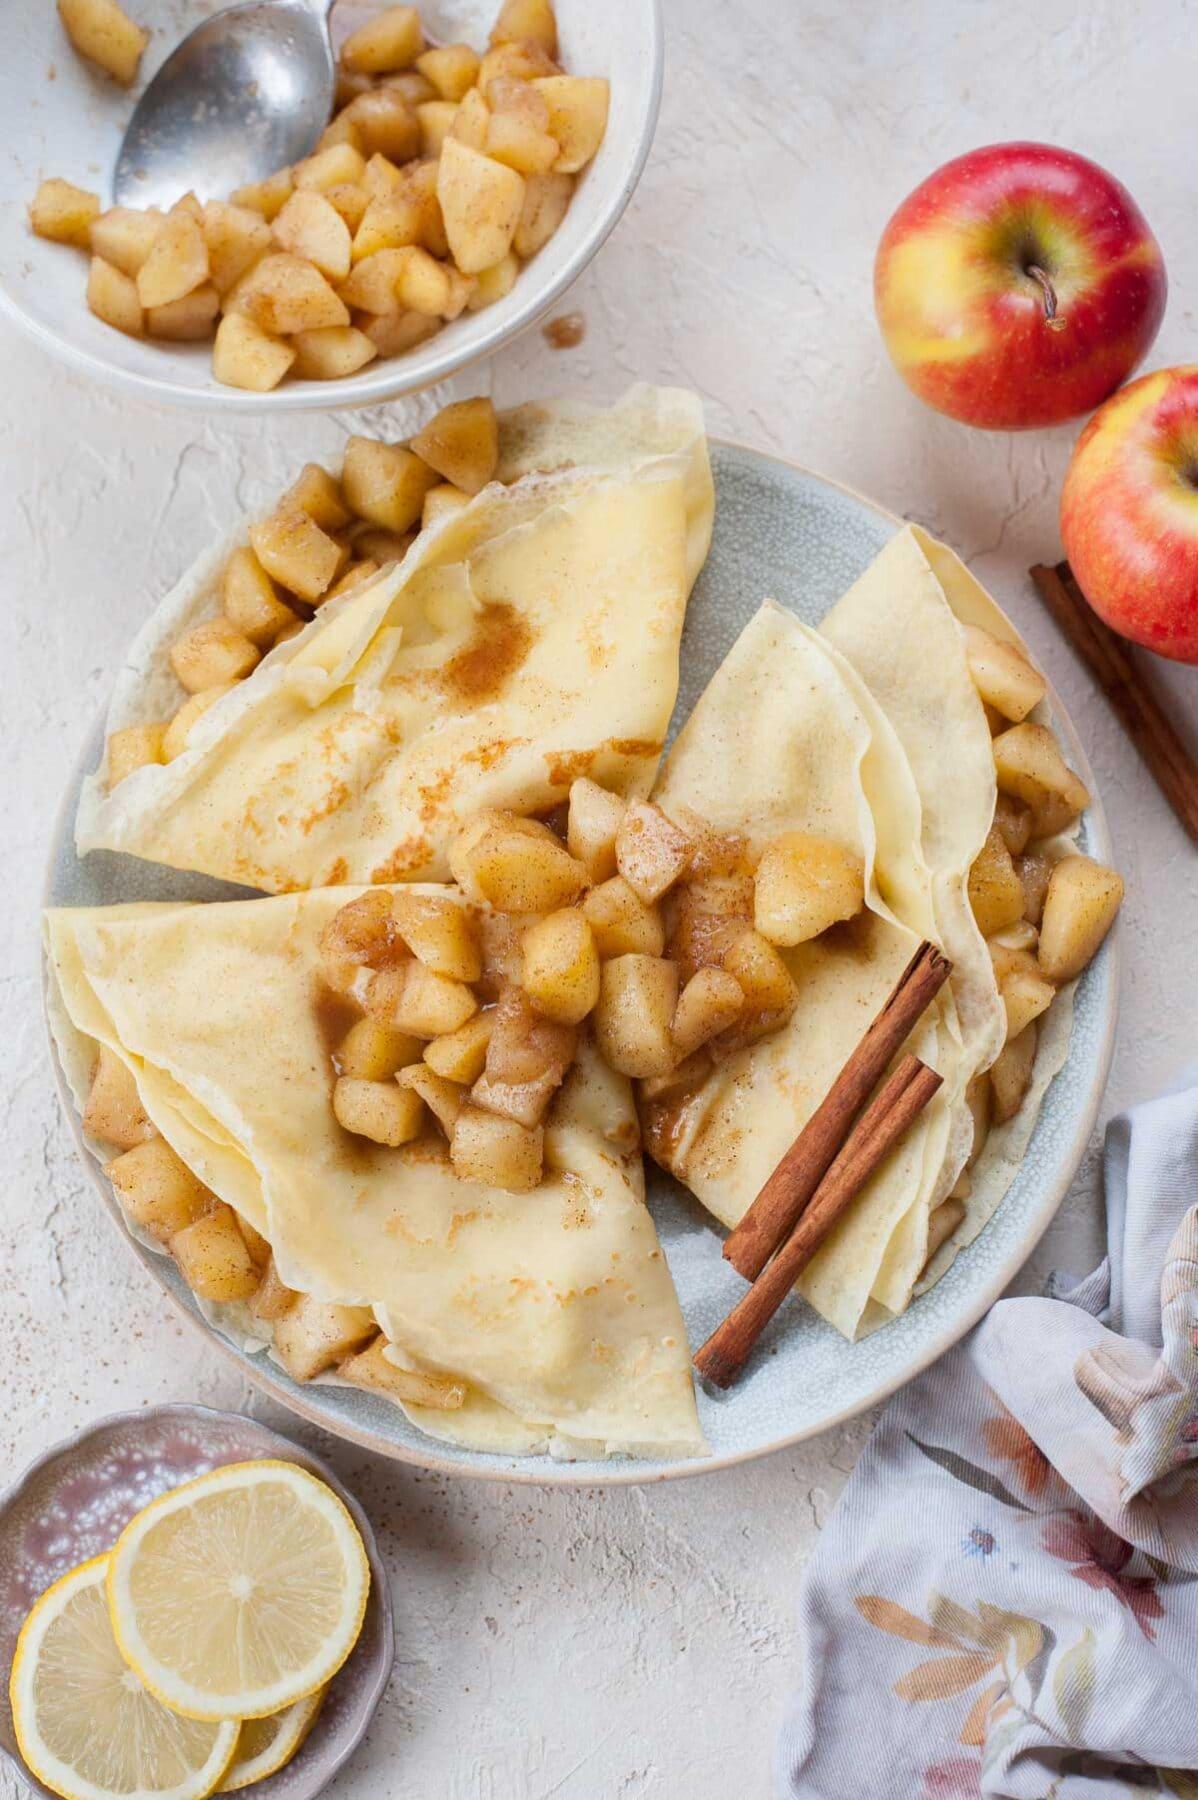 apple-crepes-nalesniki-z-jablkami-everyday-delicious-1-1198x1800